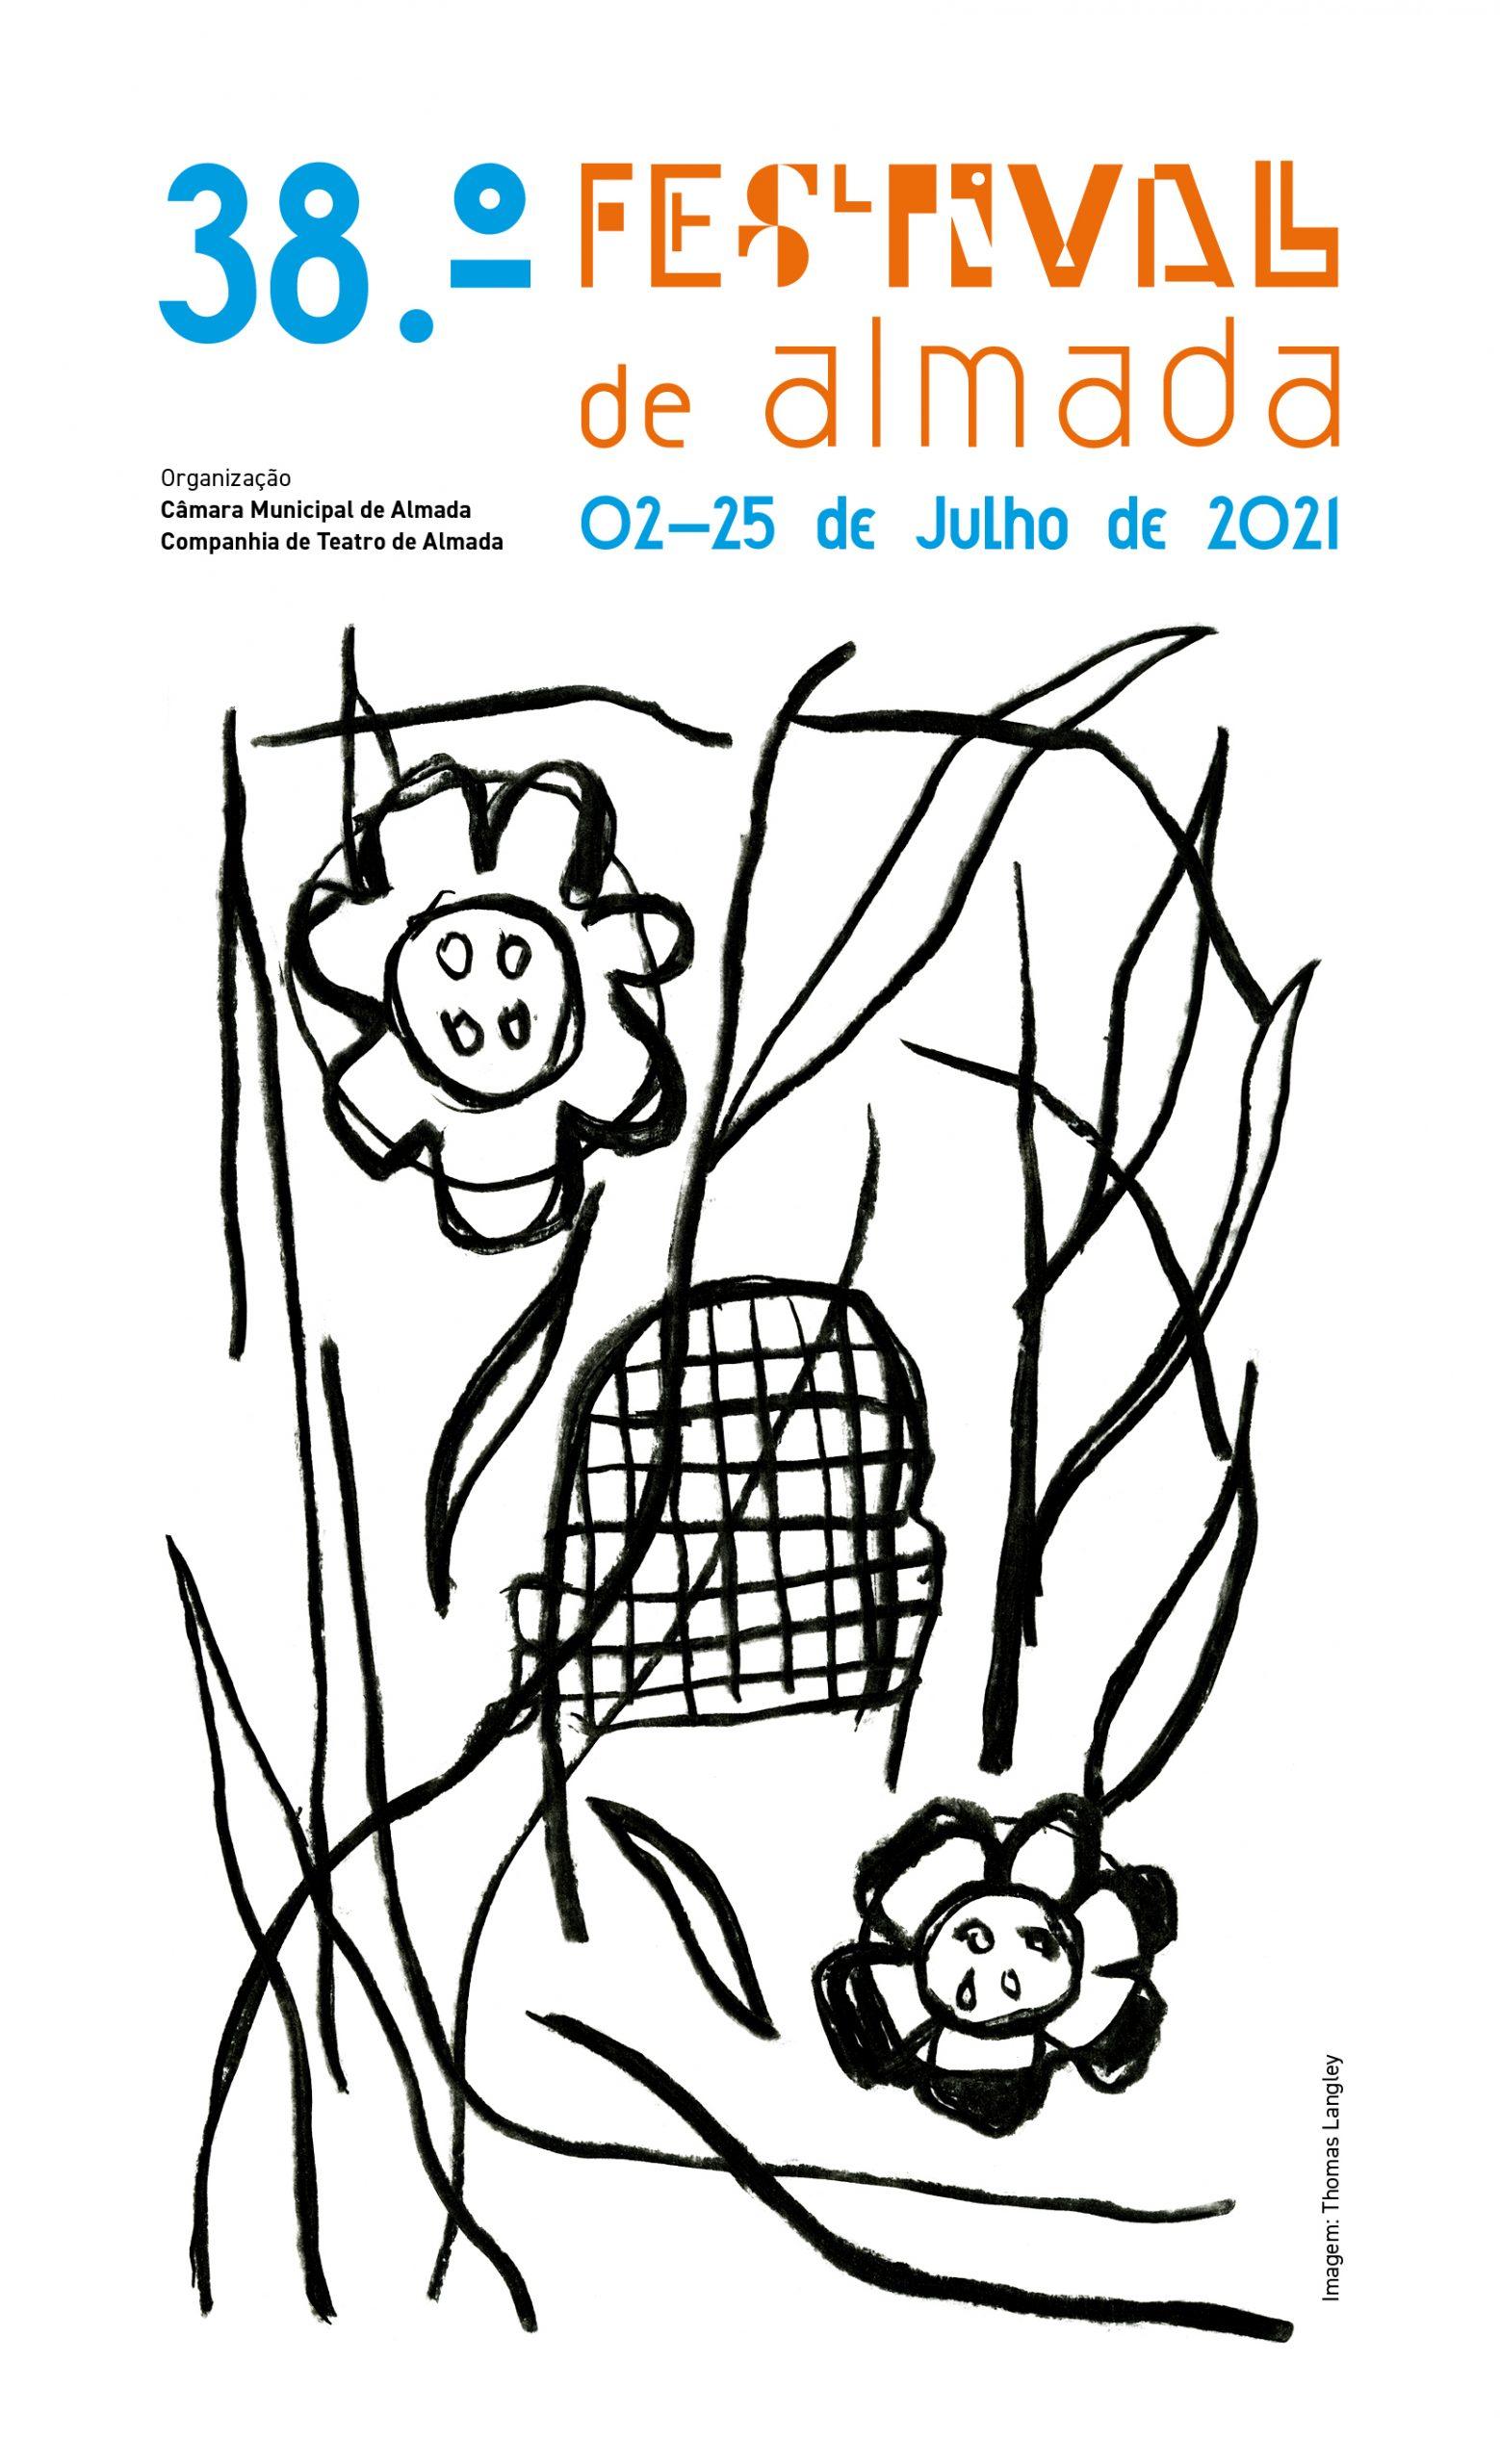 Na programação do Festival de Almada de 2021, sobressai uma dramaturgia portuguesa contemporânea que, de múltiplas perspetivas, e com diferentes vozes, dedica um investimento especial à experiência colonial portuguesa.